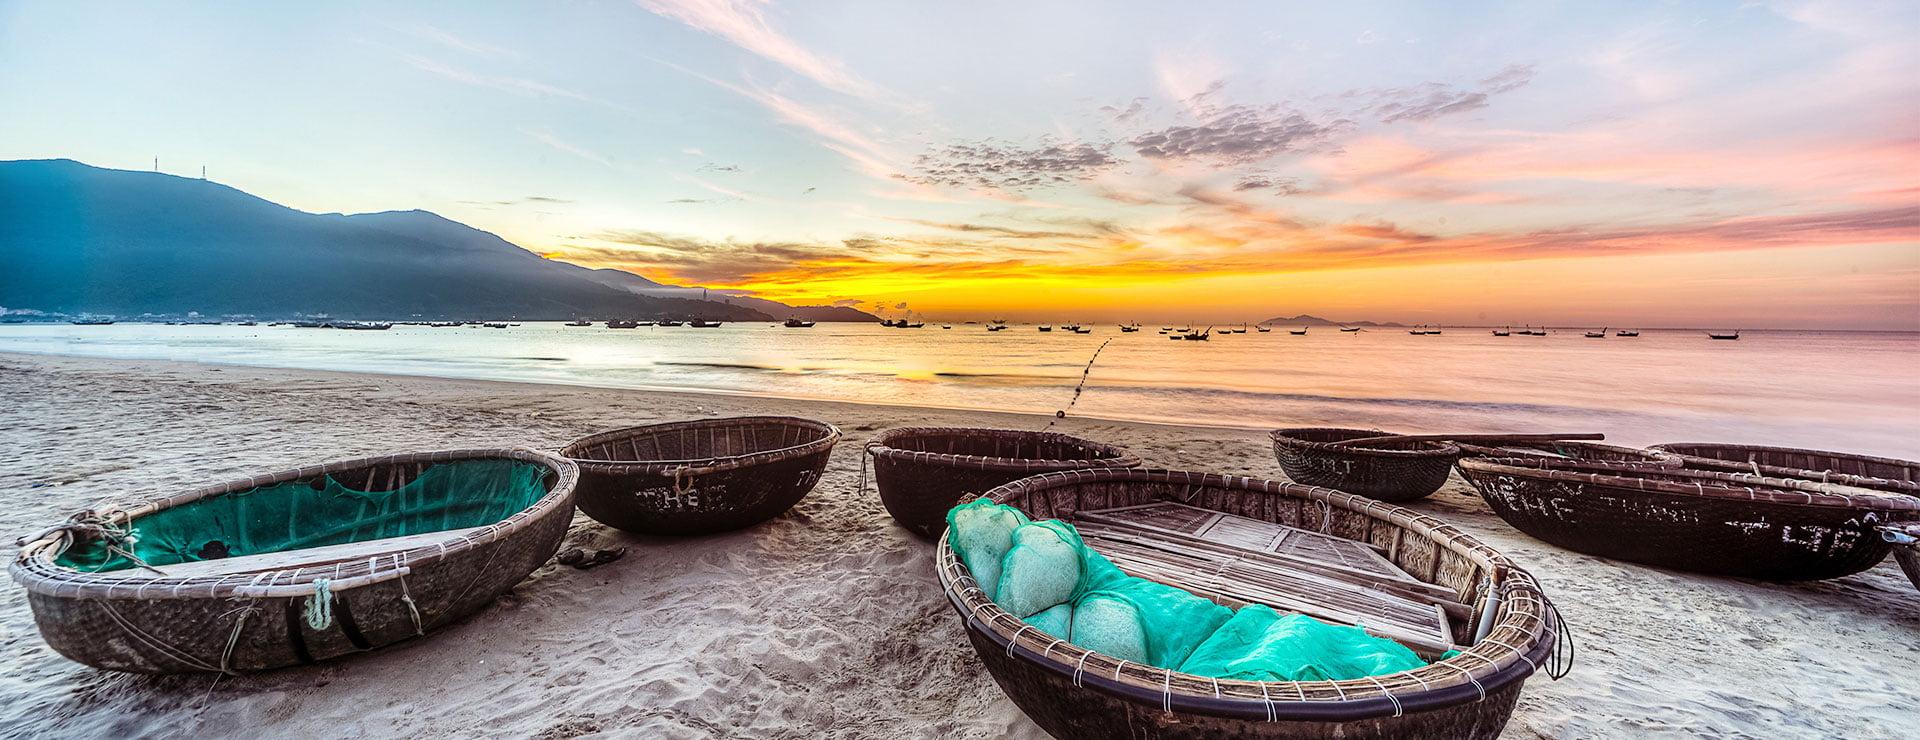 Los lugares asombrosos del sudeste asiático que nunca olvidará